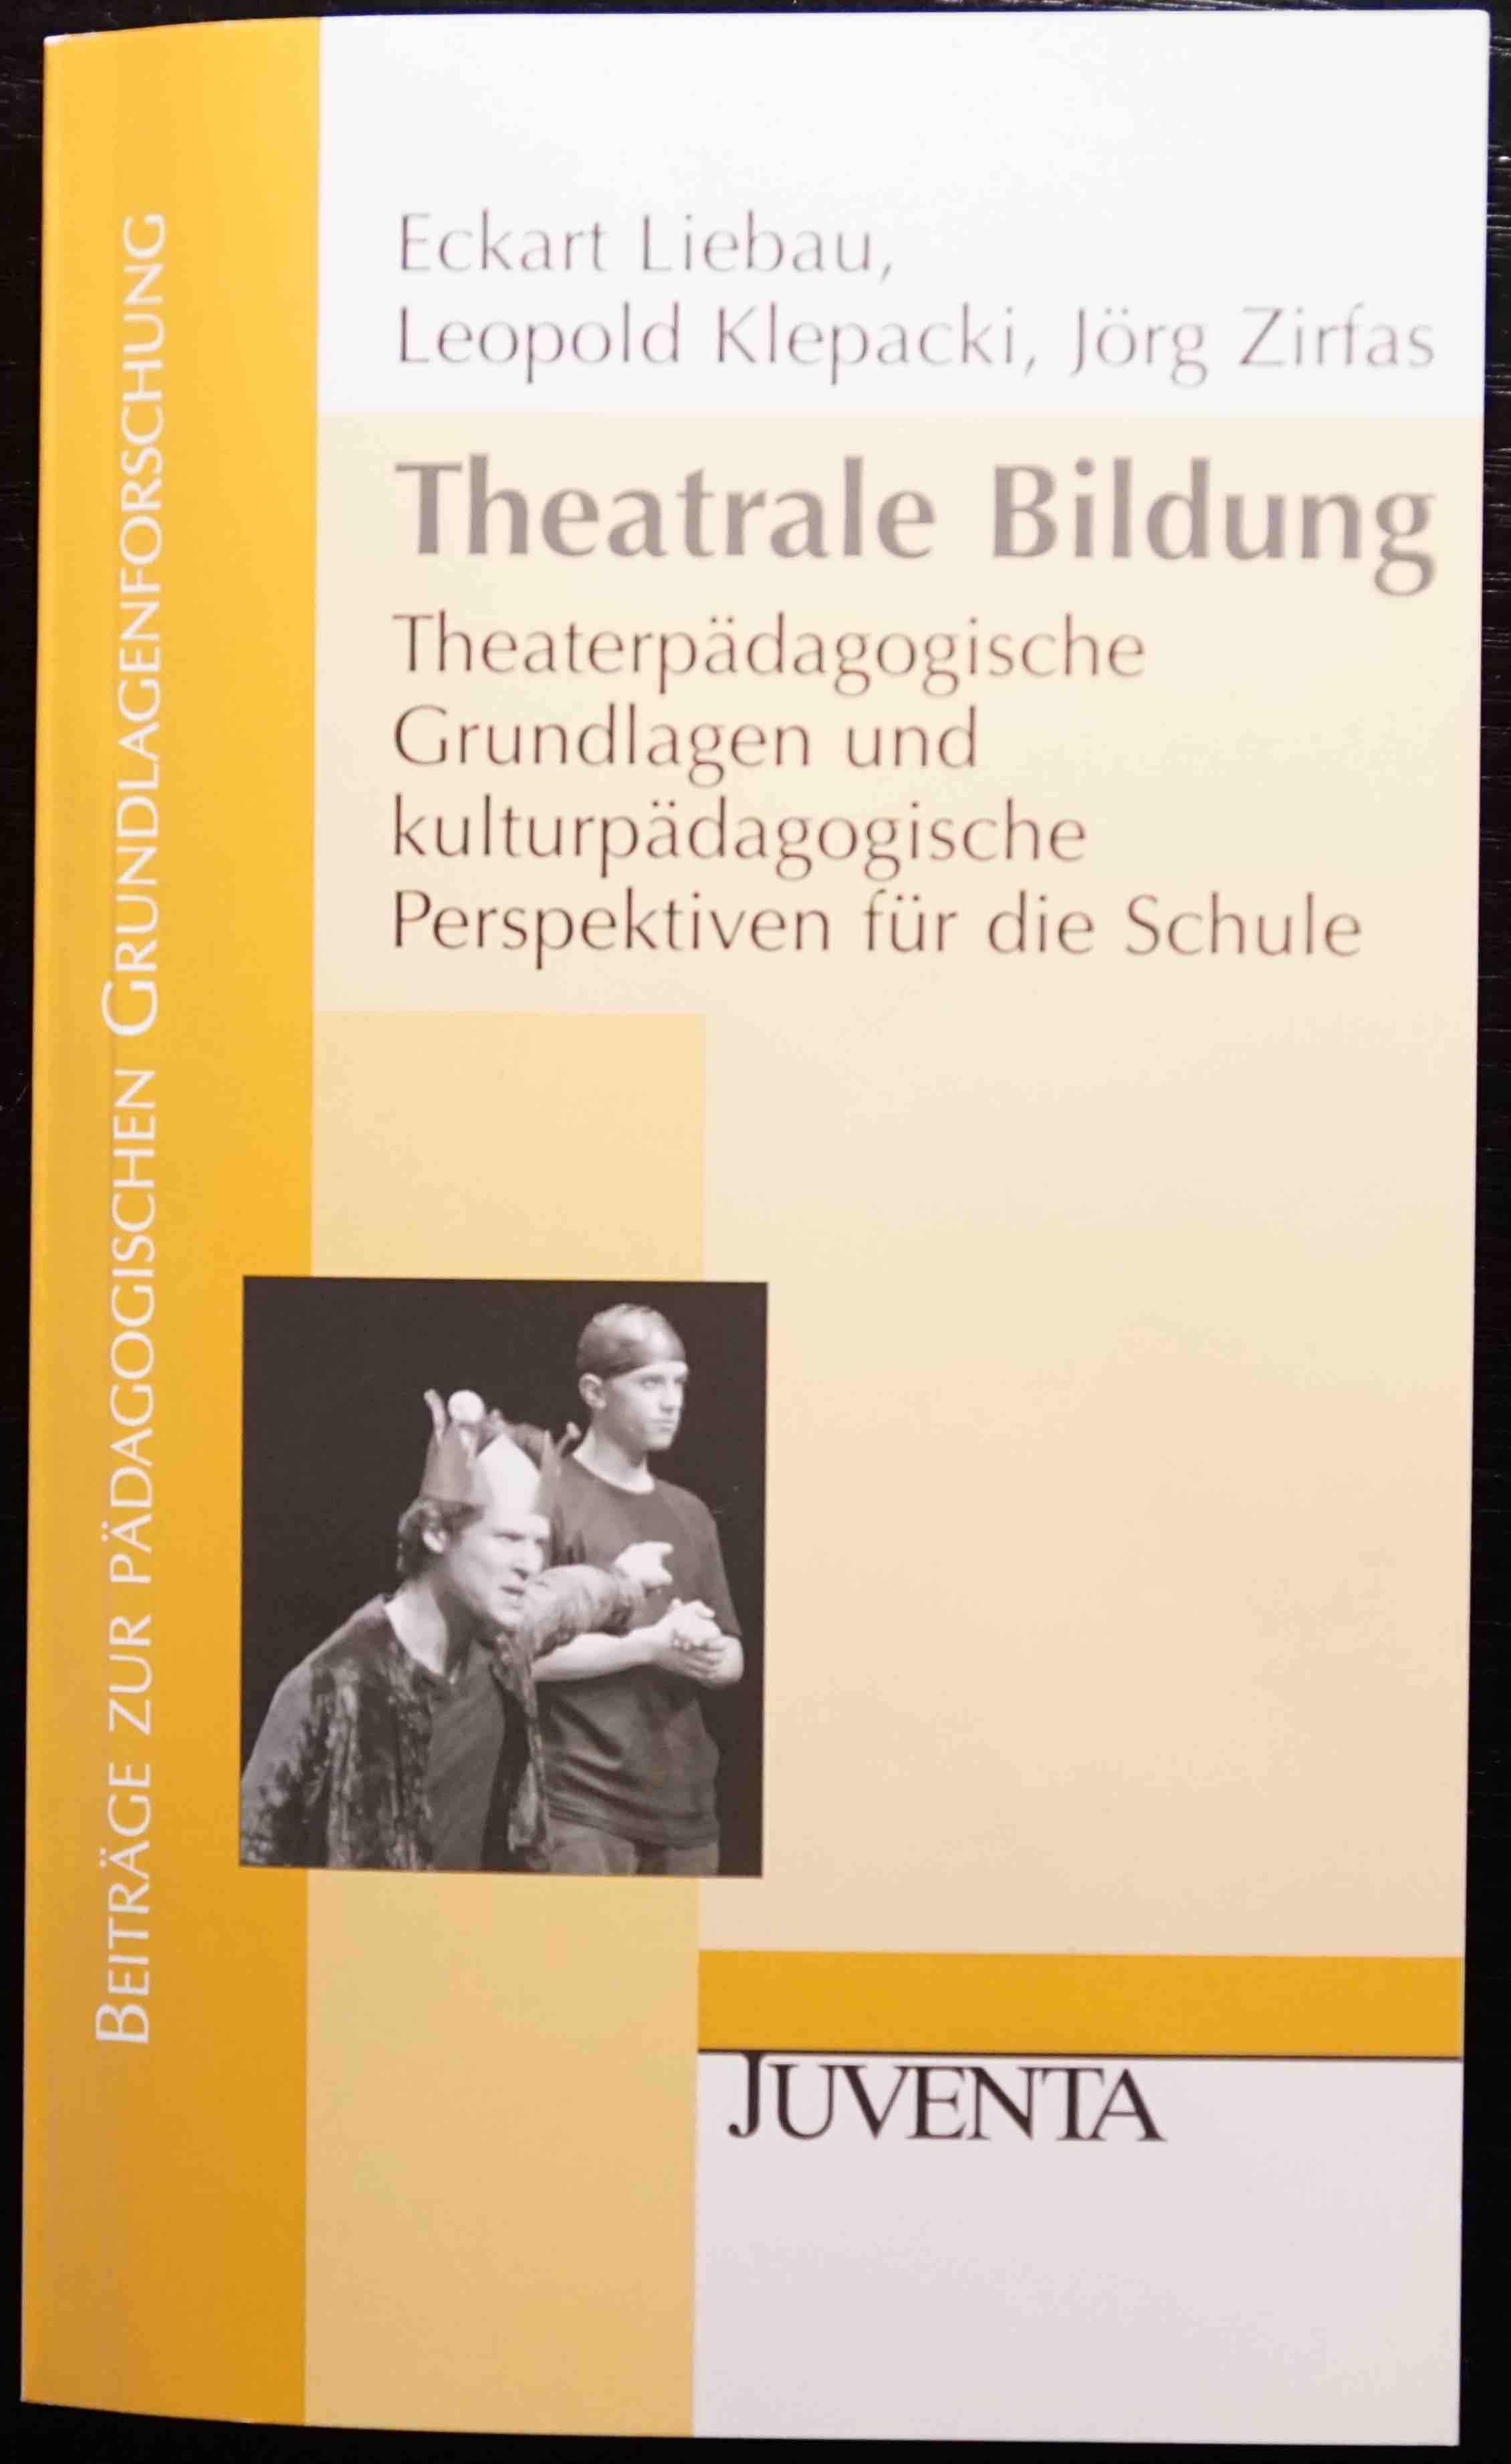 Liebau u.a. (2009): Theatrale Bildung